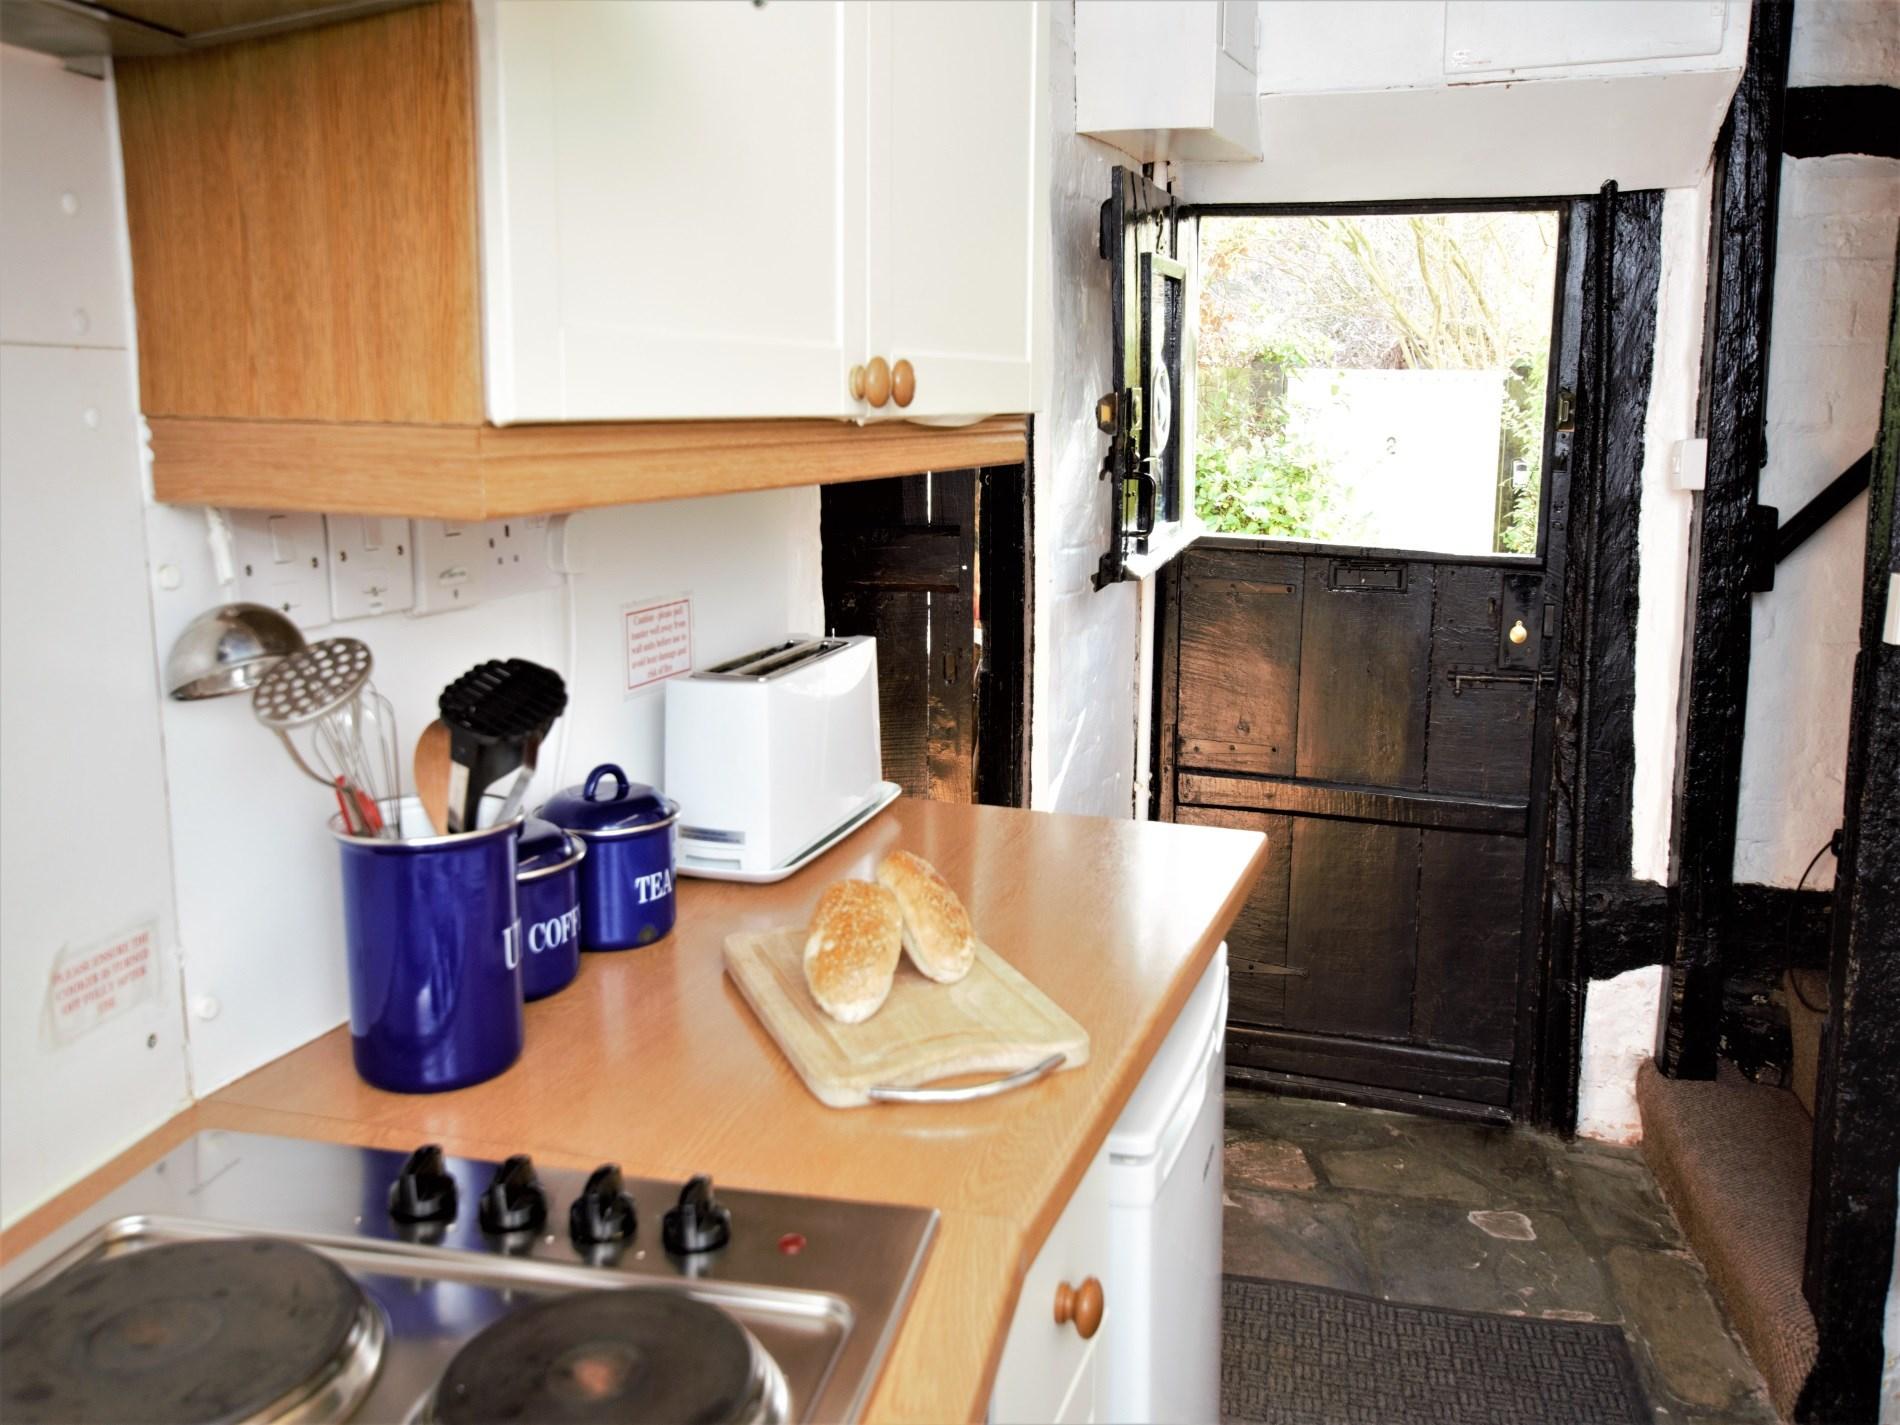 Stable door in the kitchen